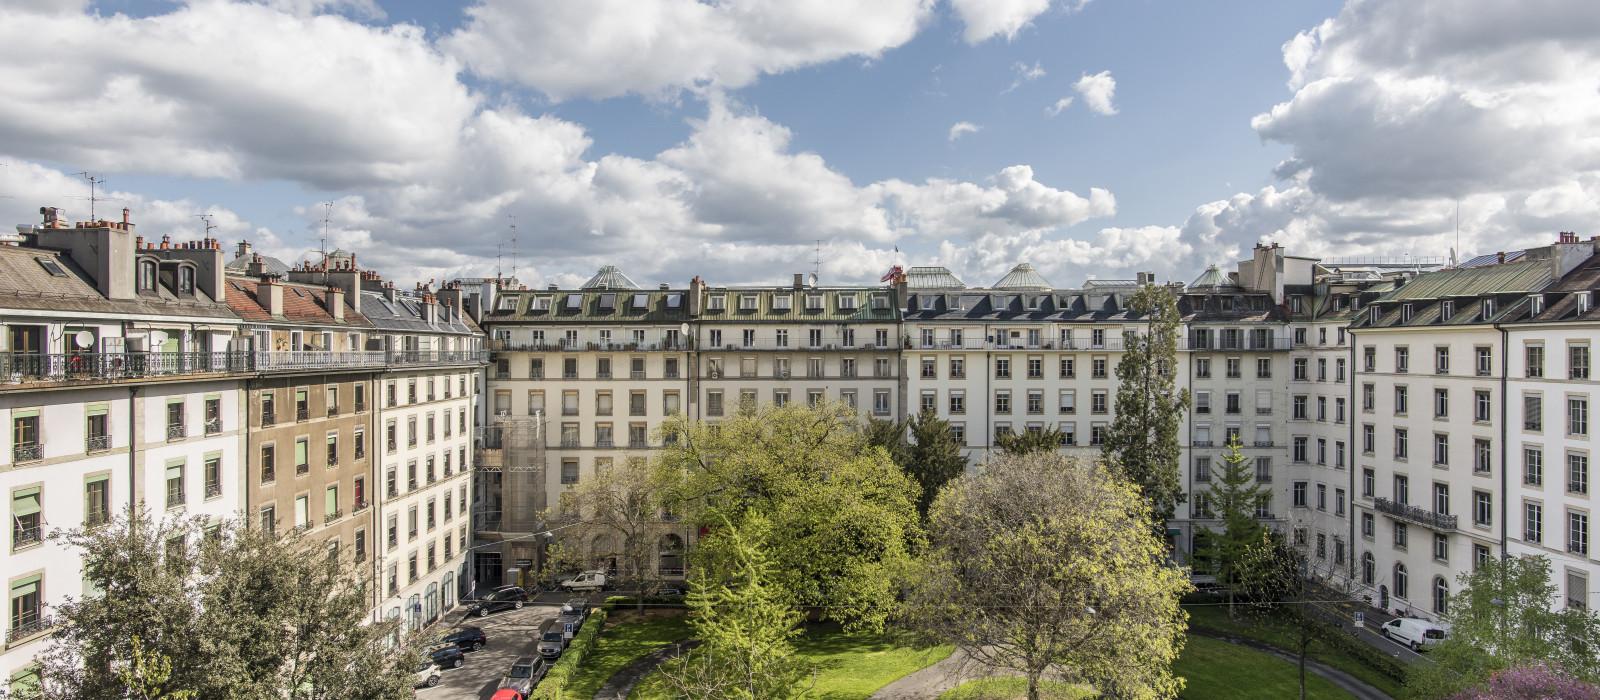 Hotel Hôtel Bristol %region%